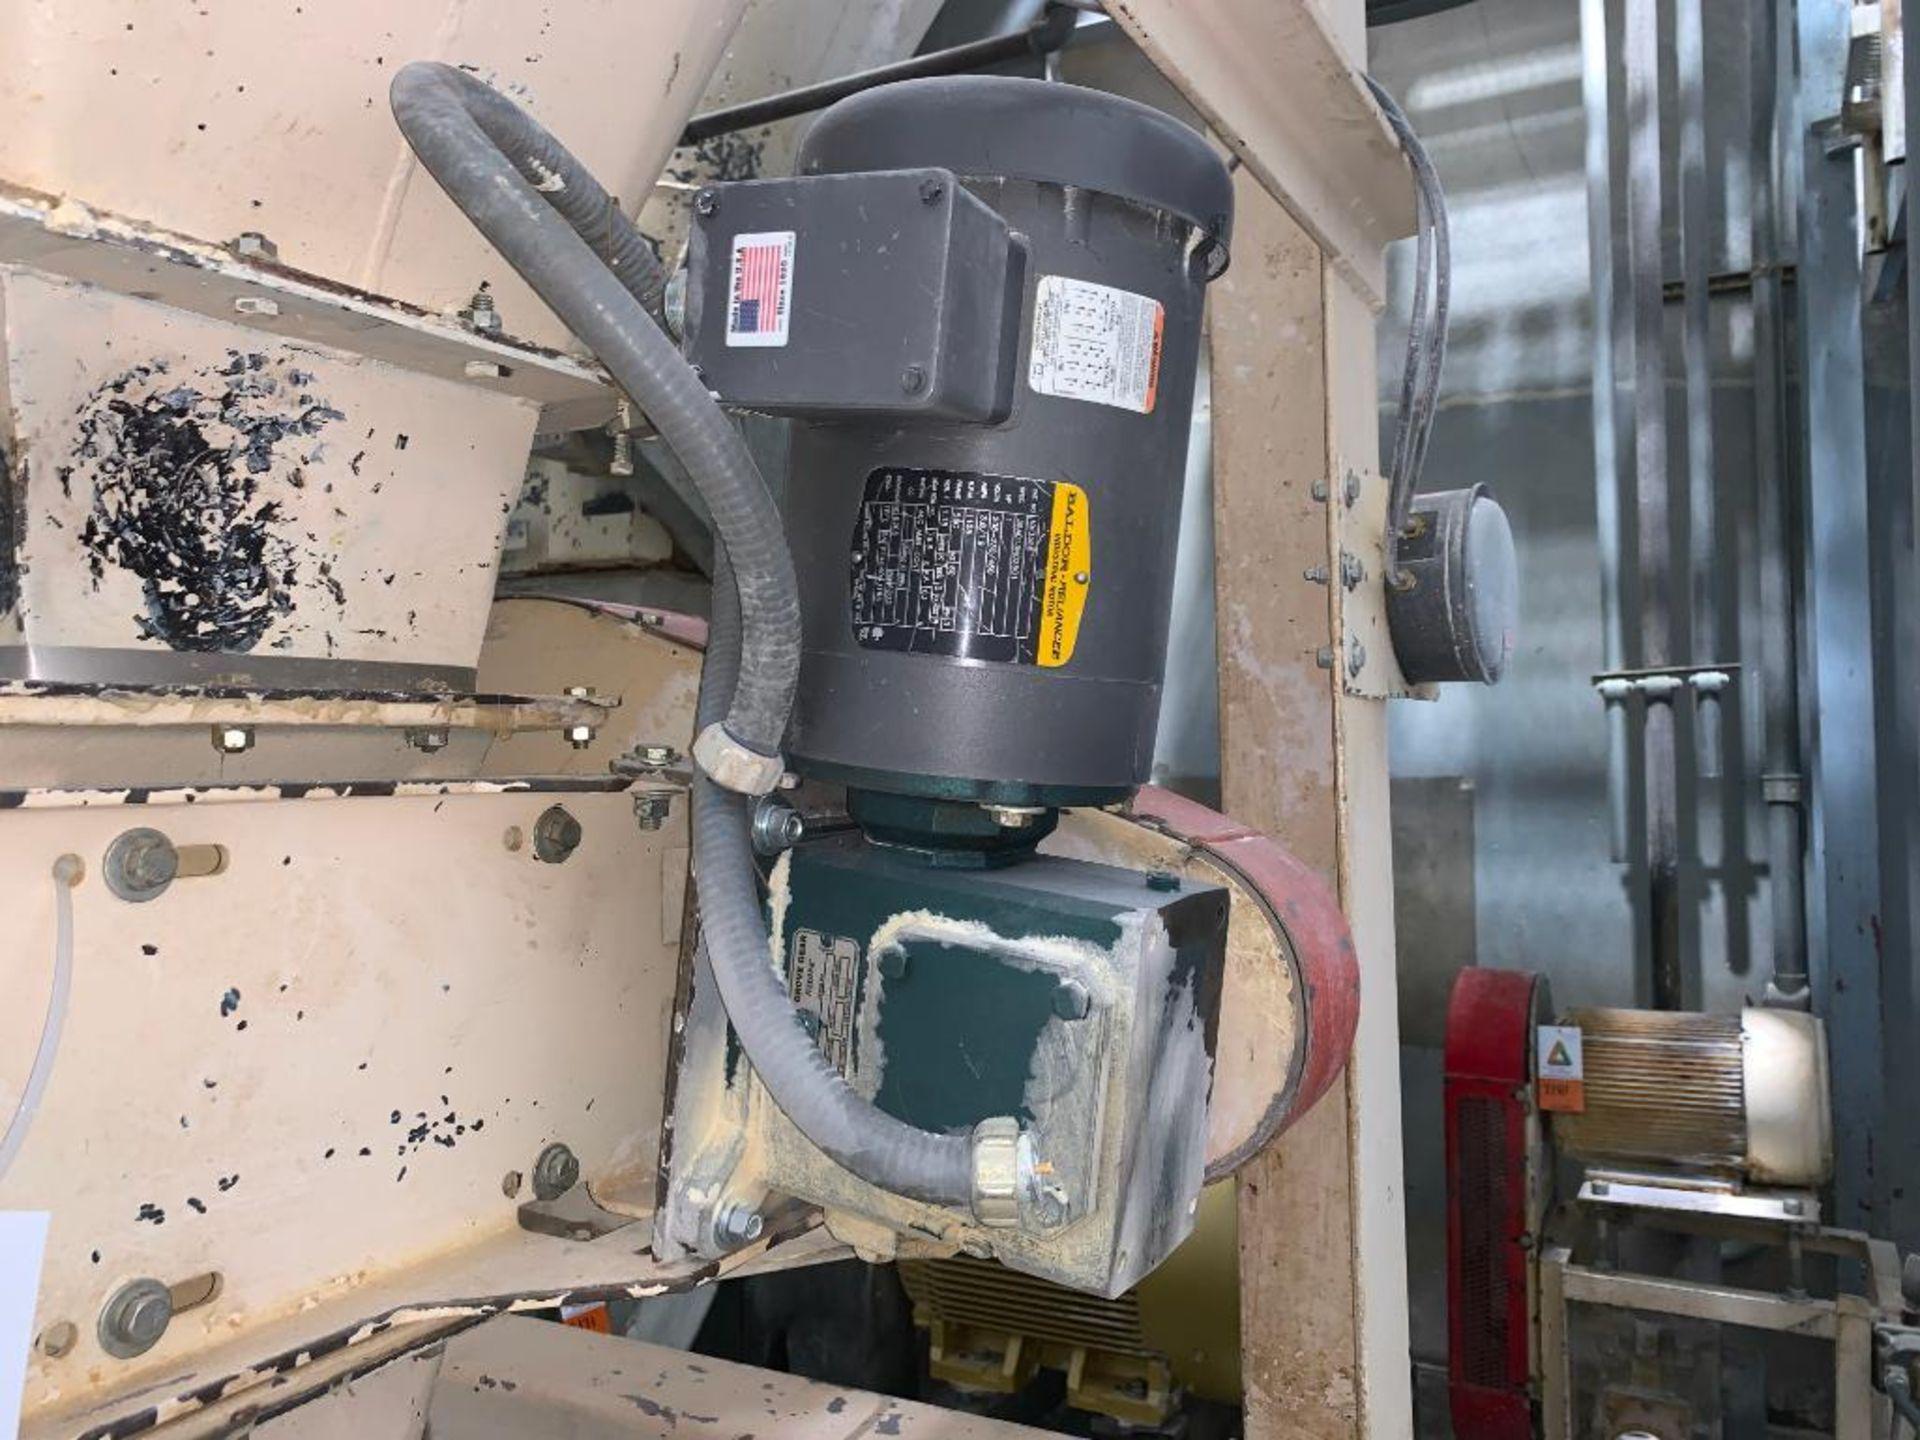 MAC mild steel dust collector - Image 4 of 9